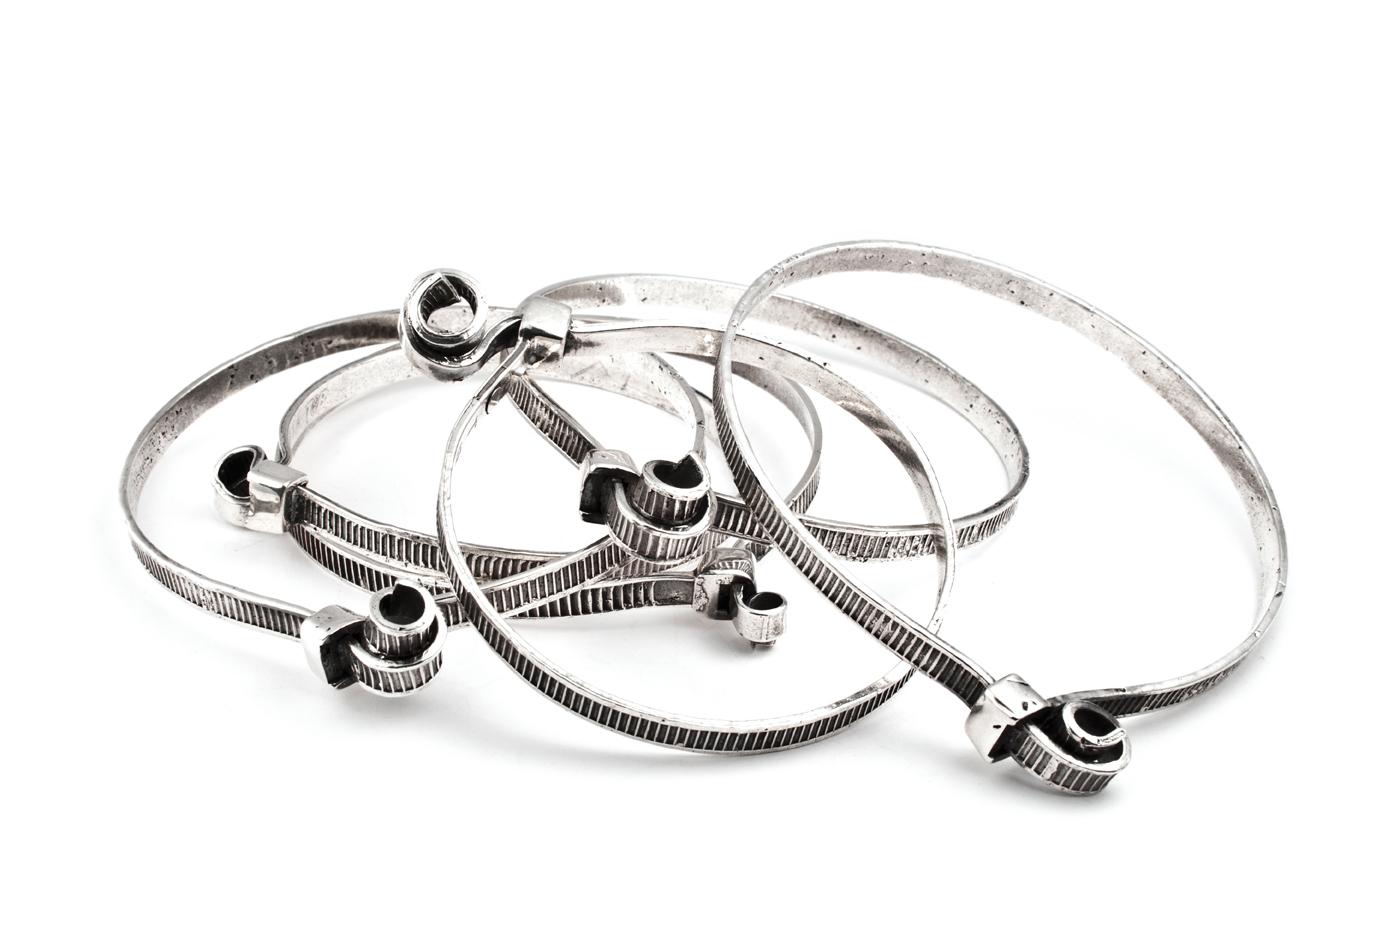 Tie Wrap Bracelets